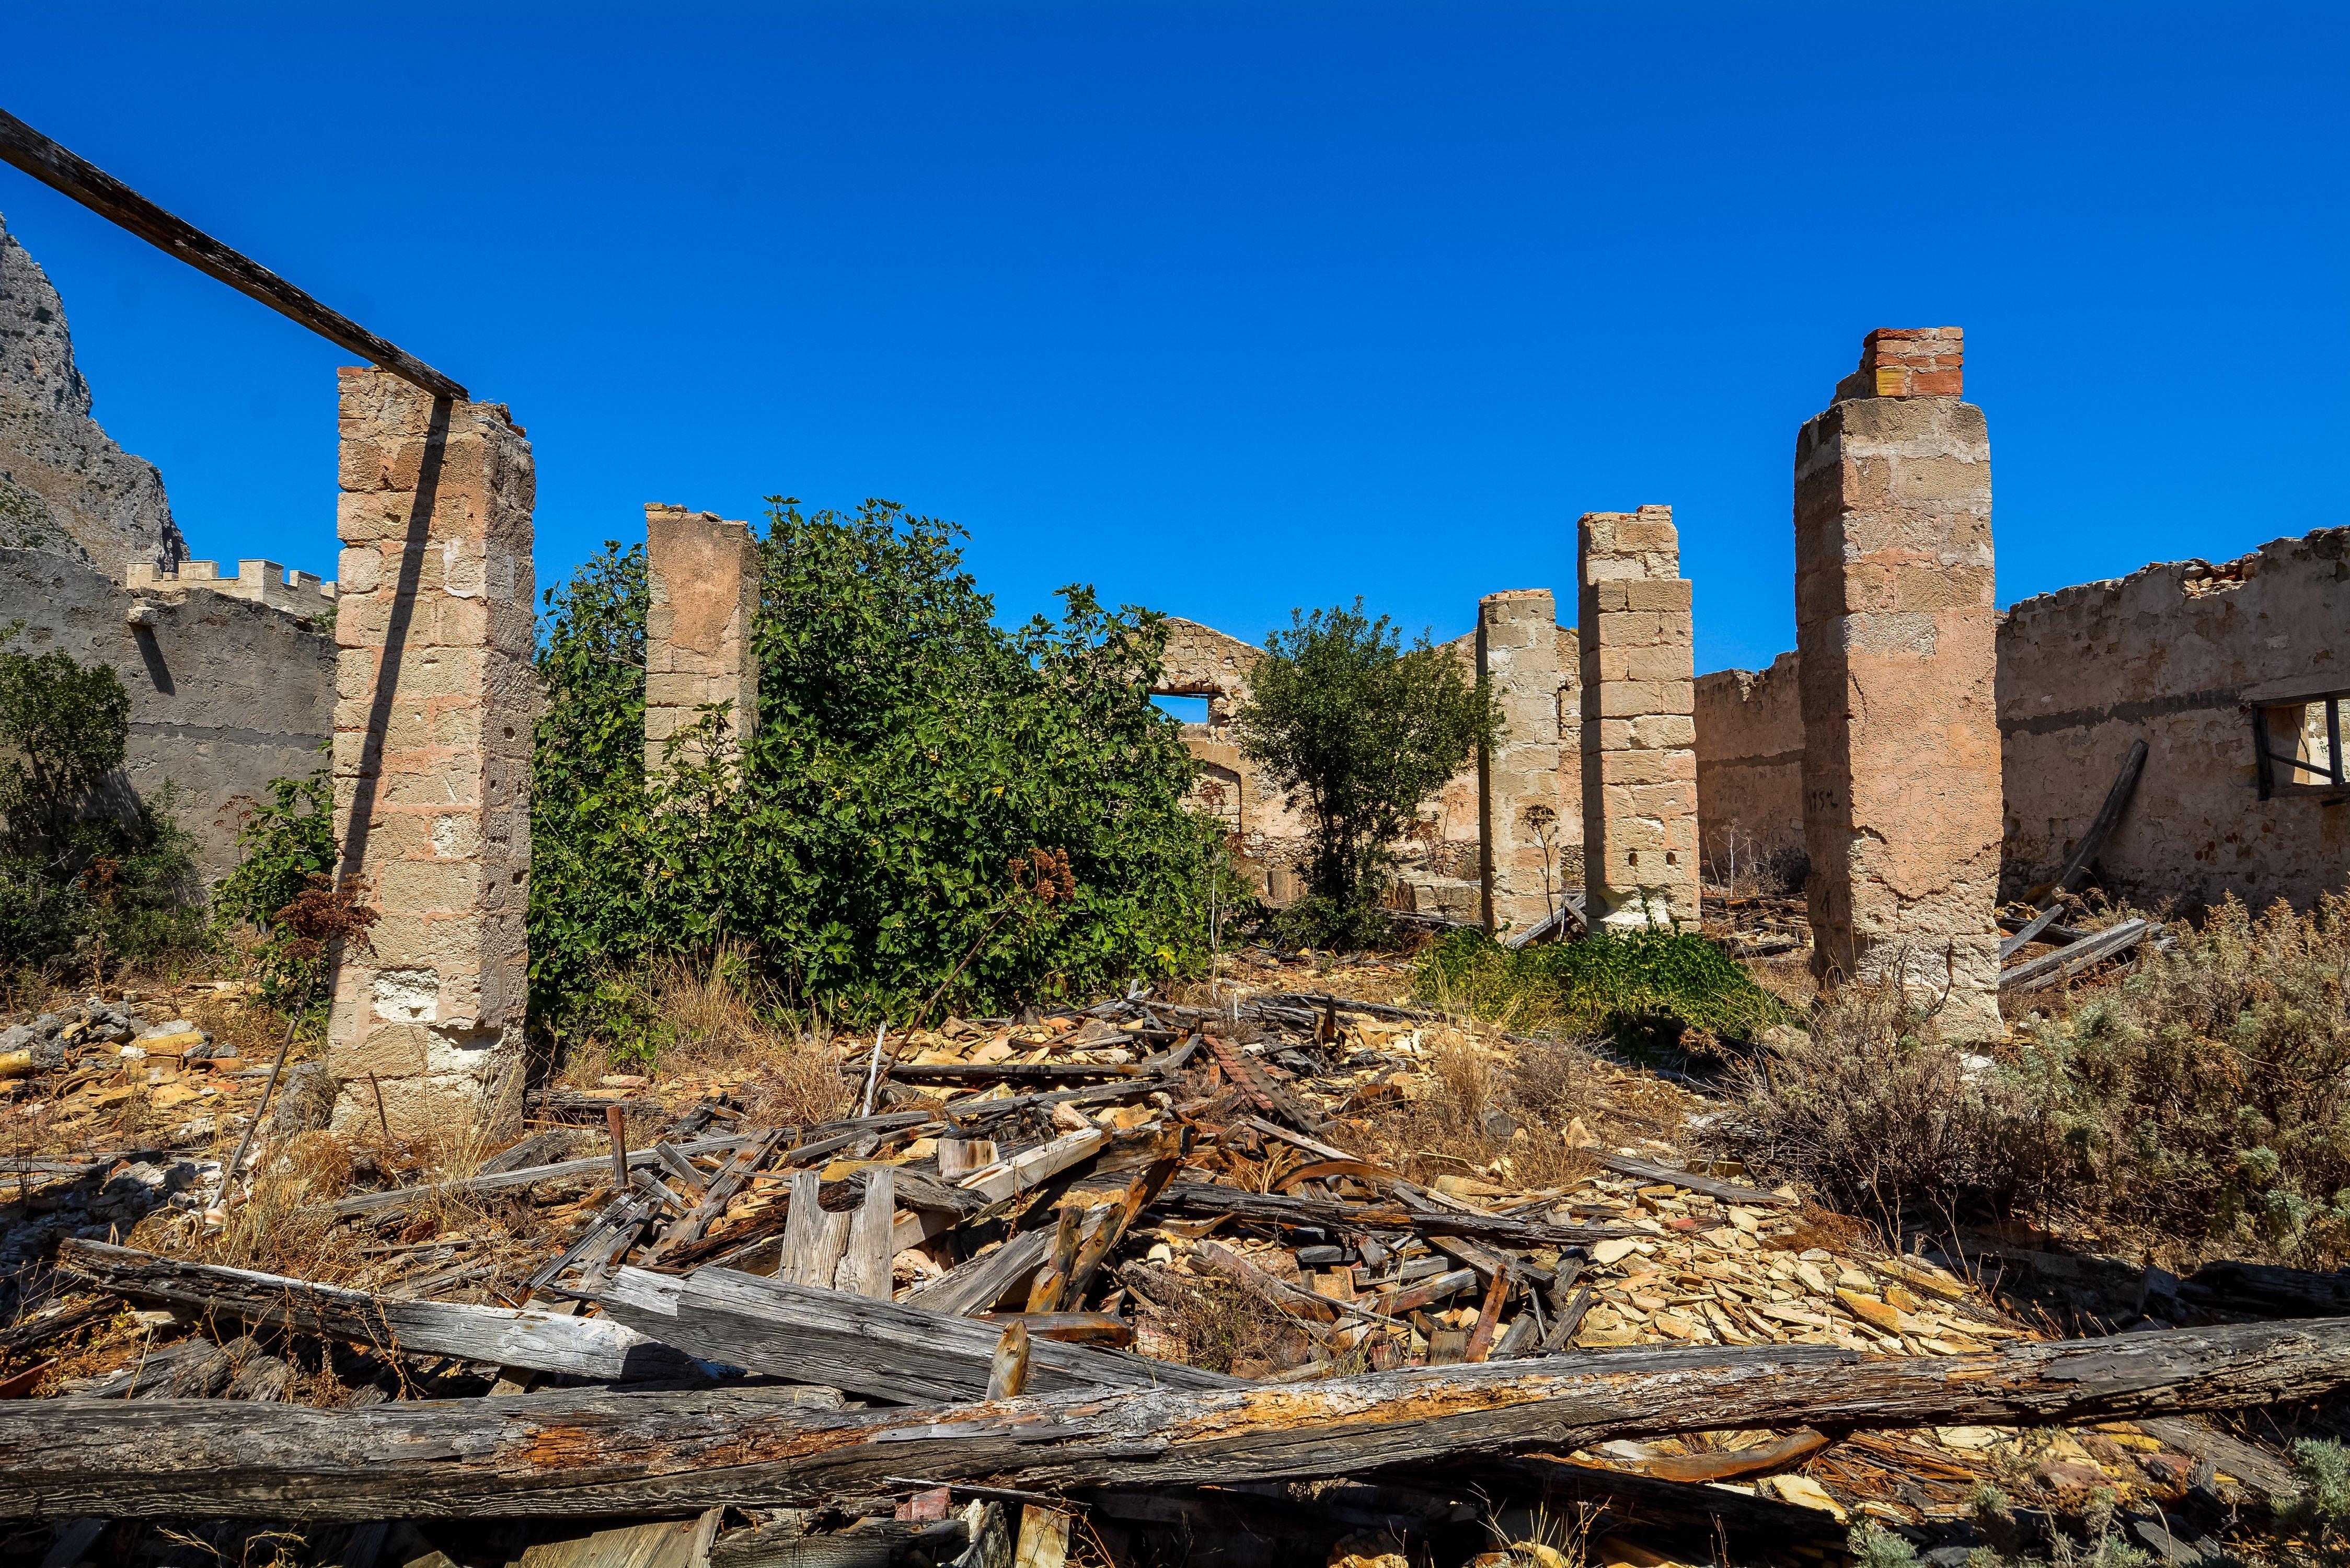 tuna factory fishing san vito lo capo tonnara del secco abandoned urbex lost places italy sicily interior ruins